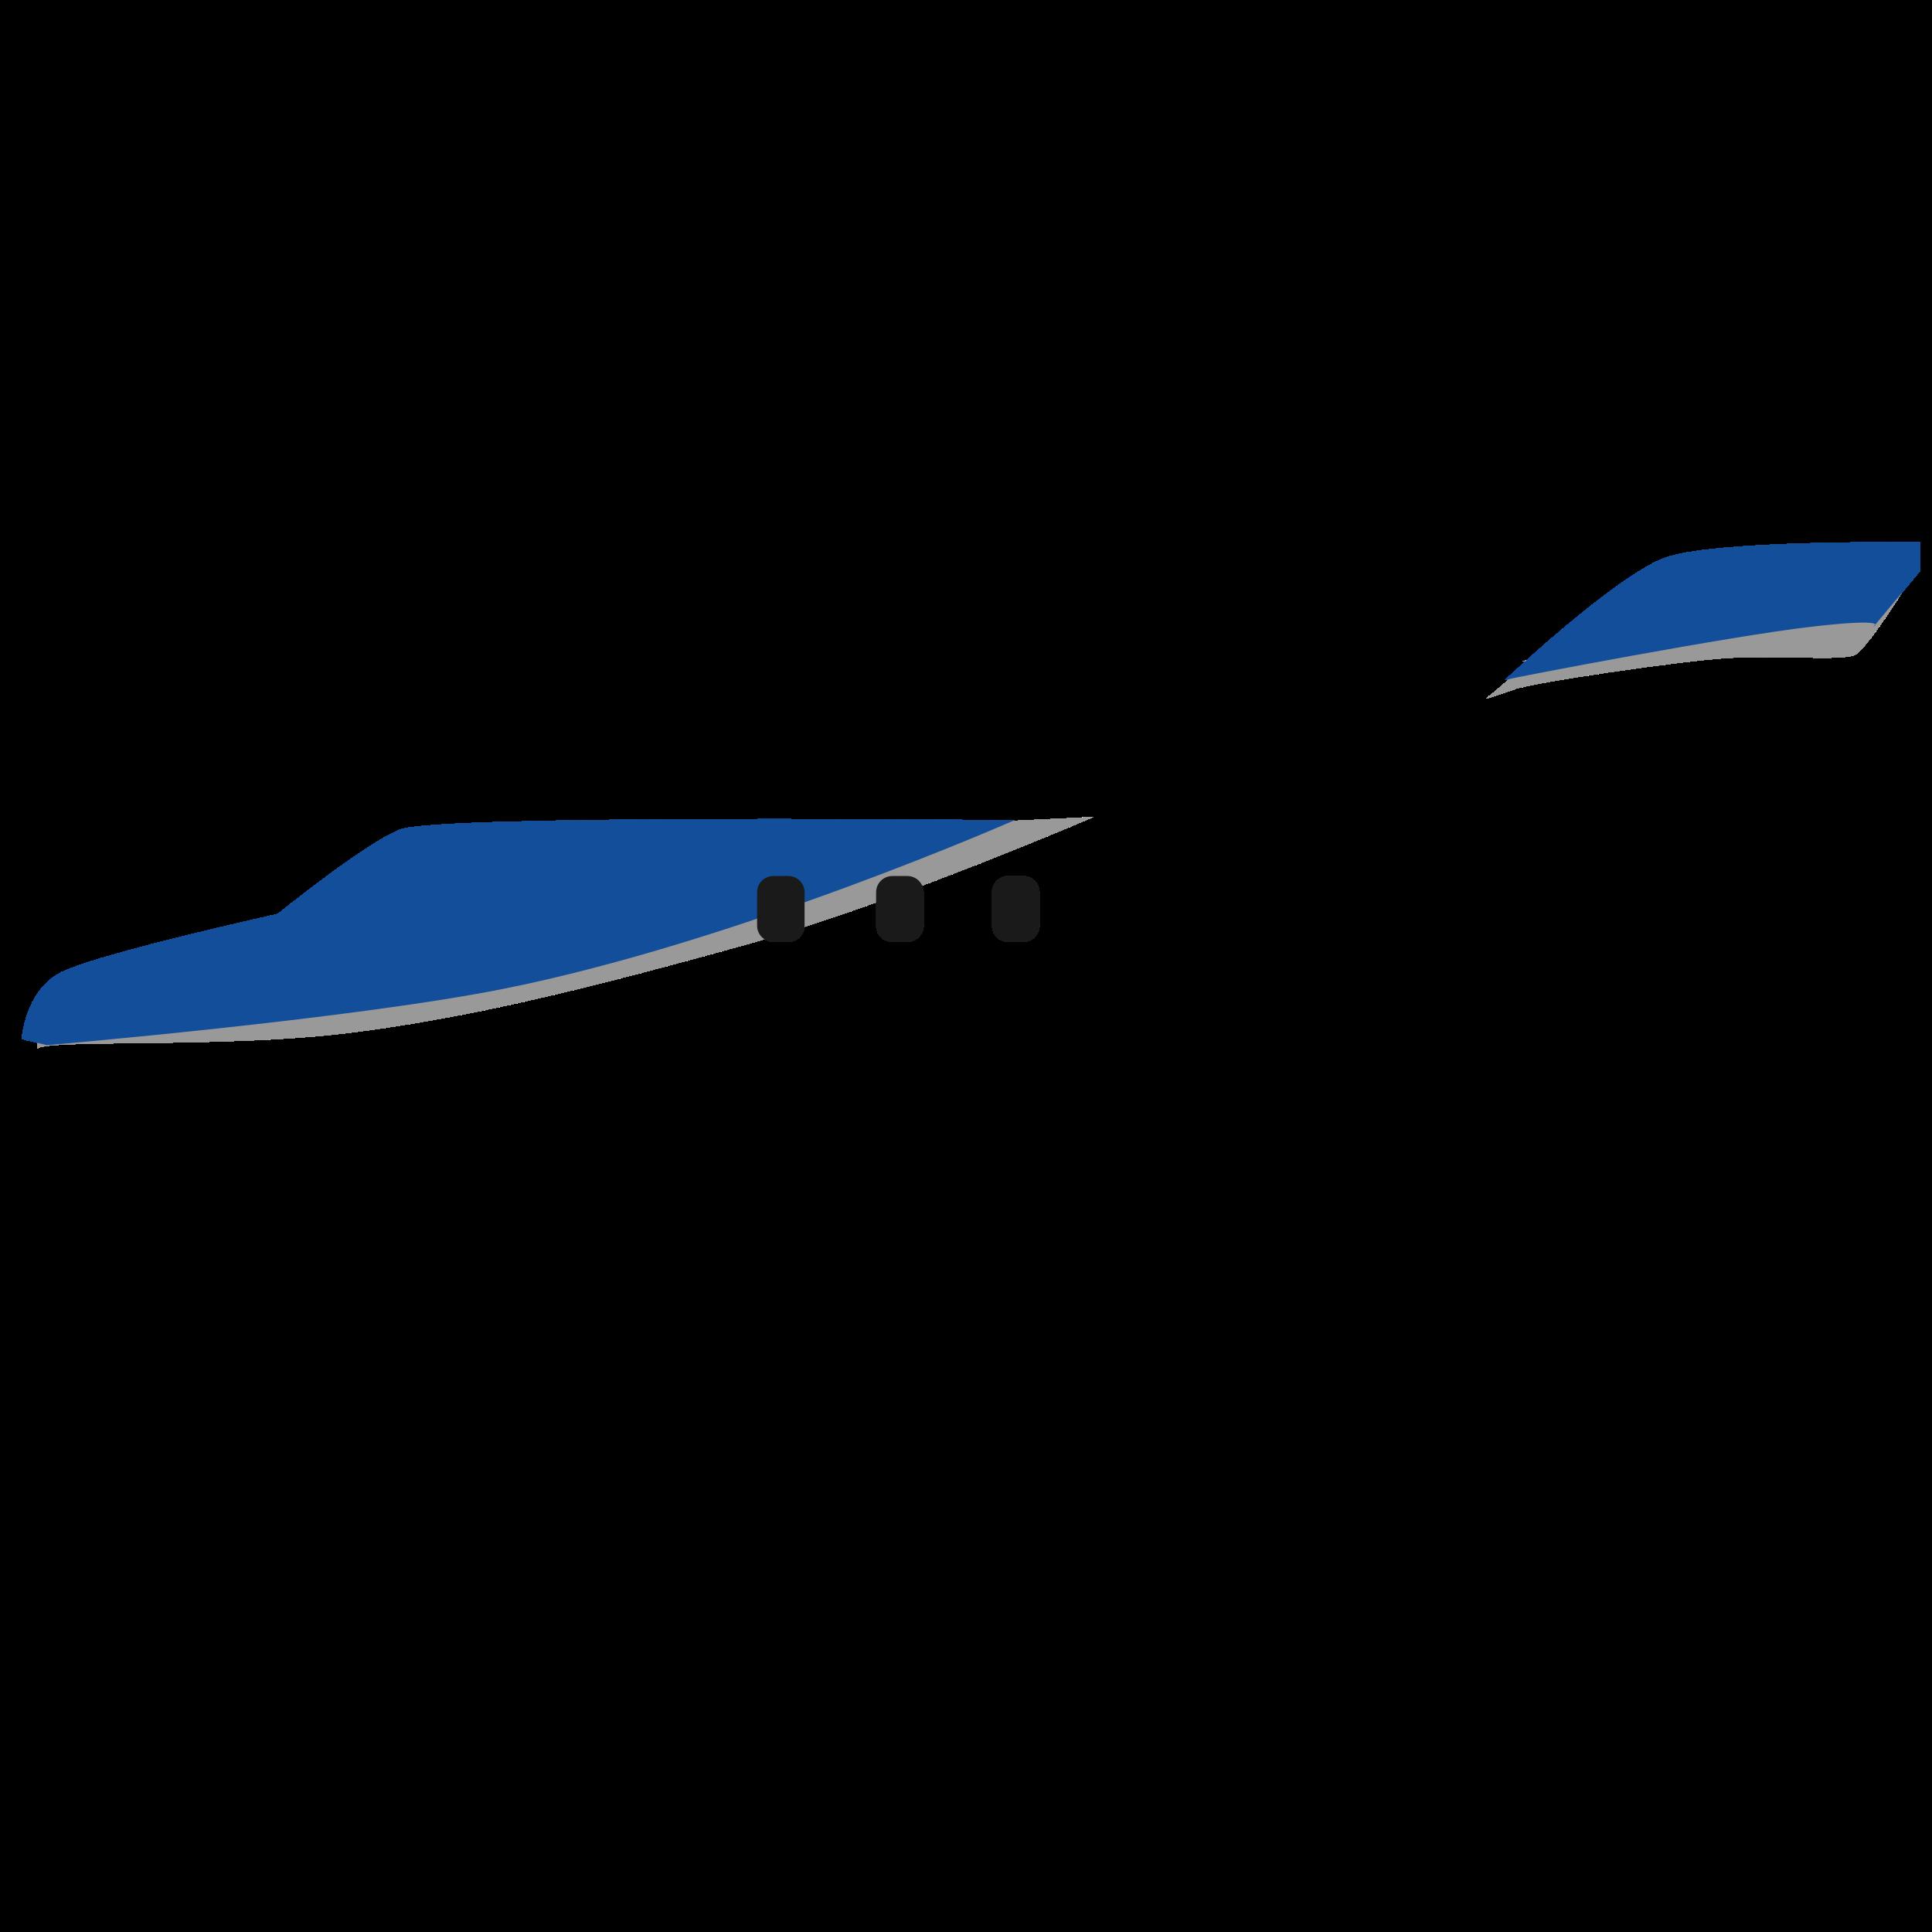 honda private jet concept 3d model 3ds fbx blend dae lwo obj 218233